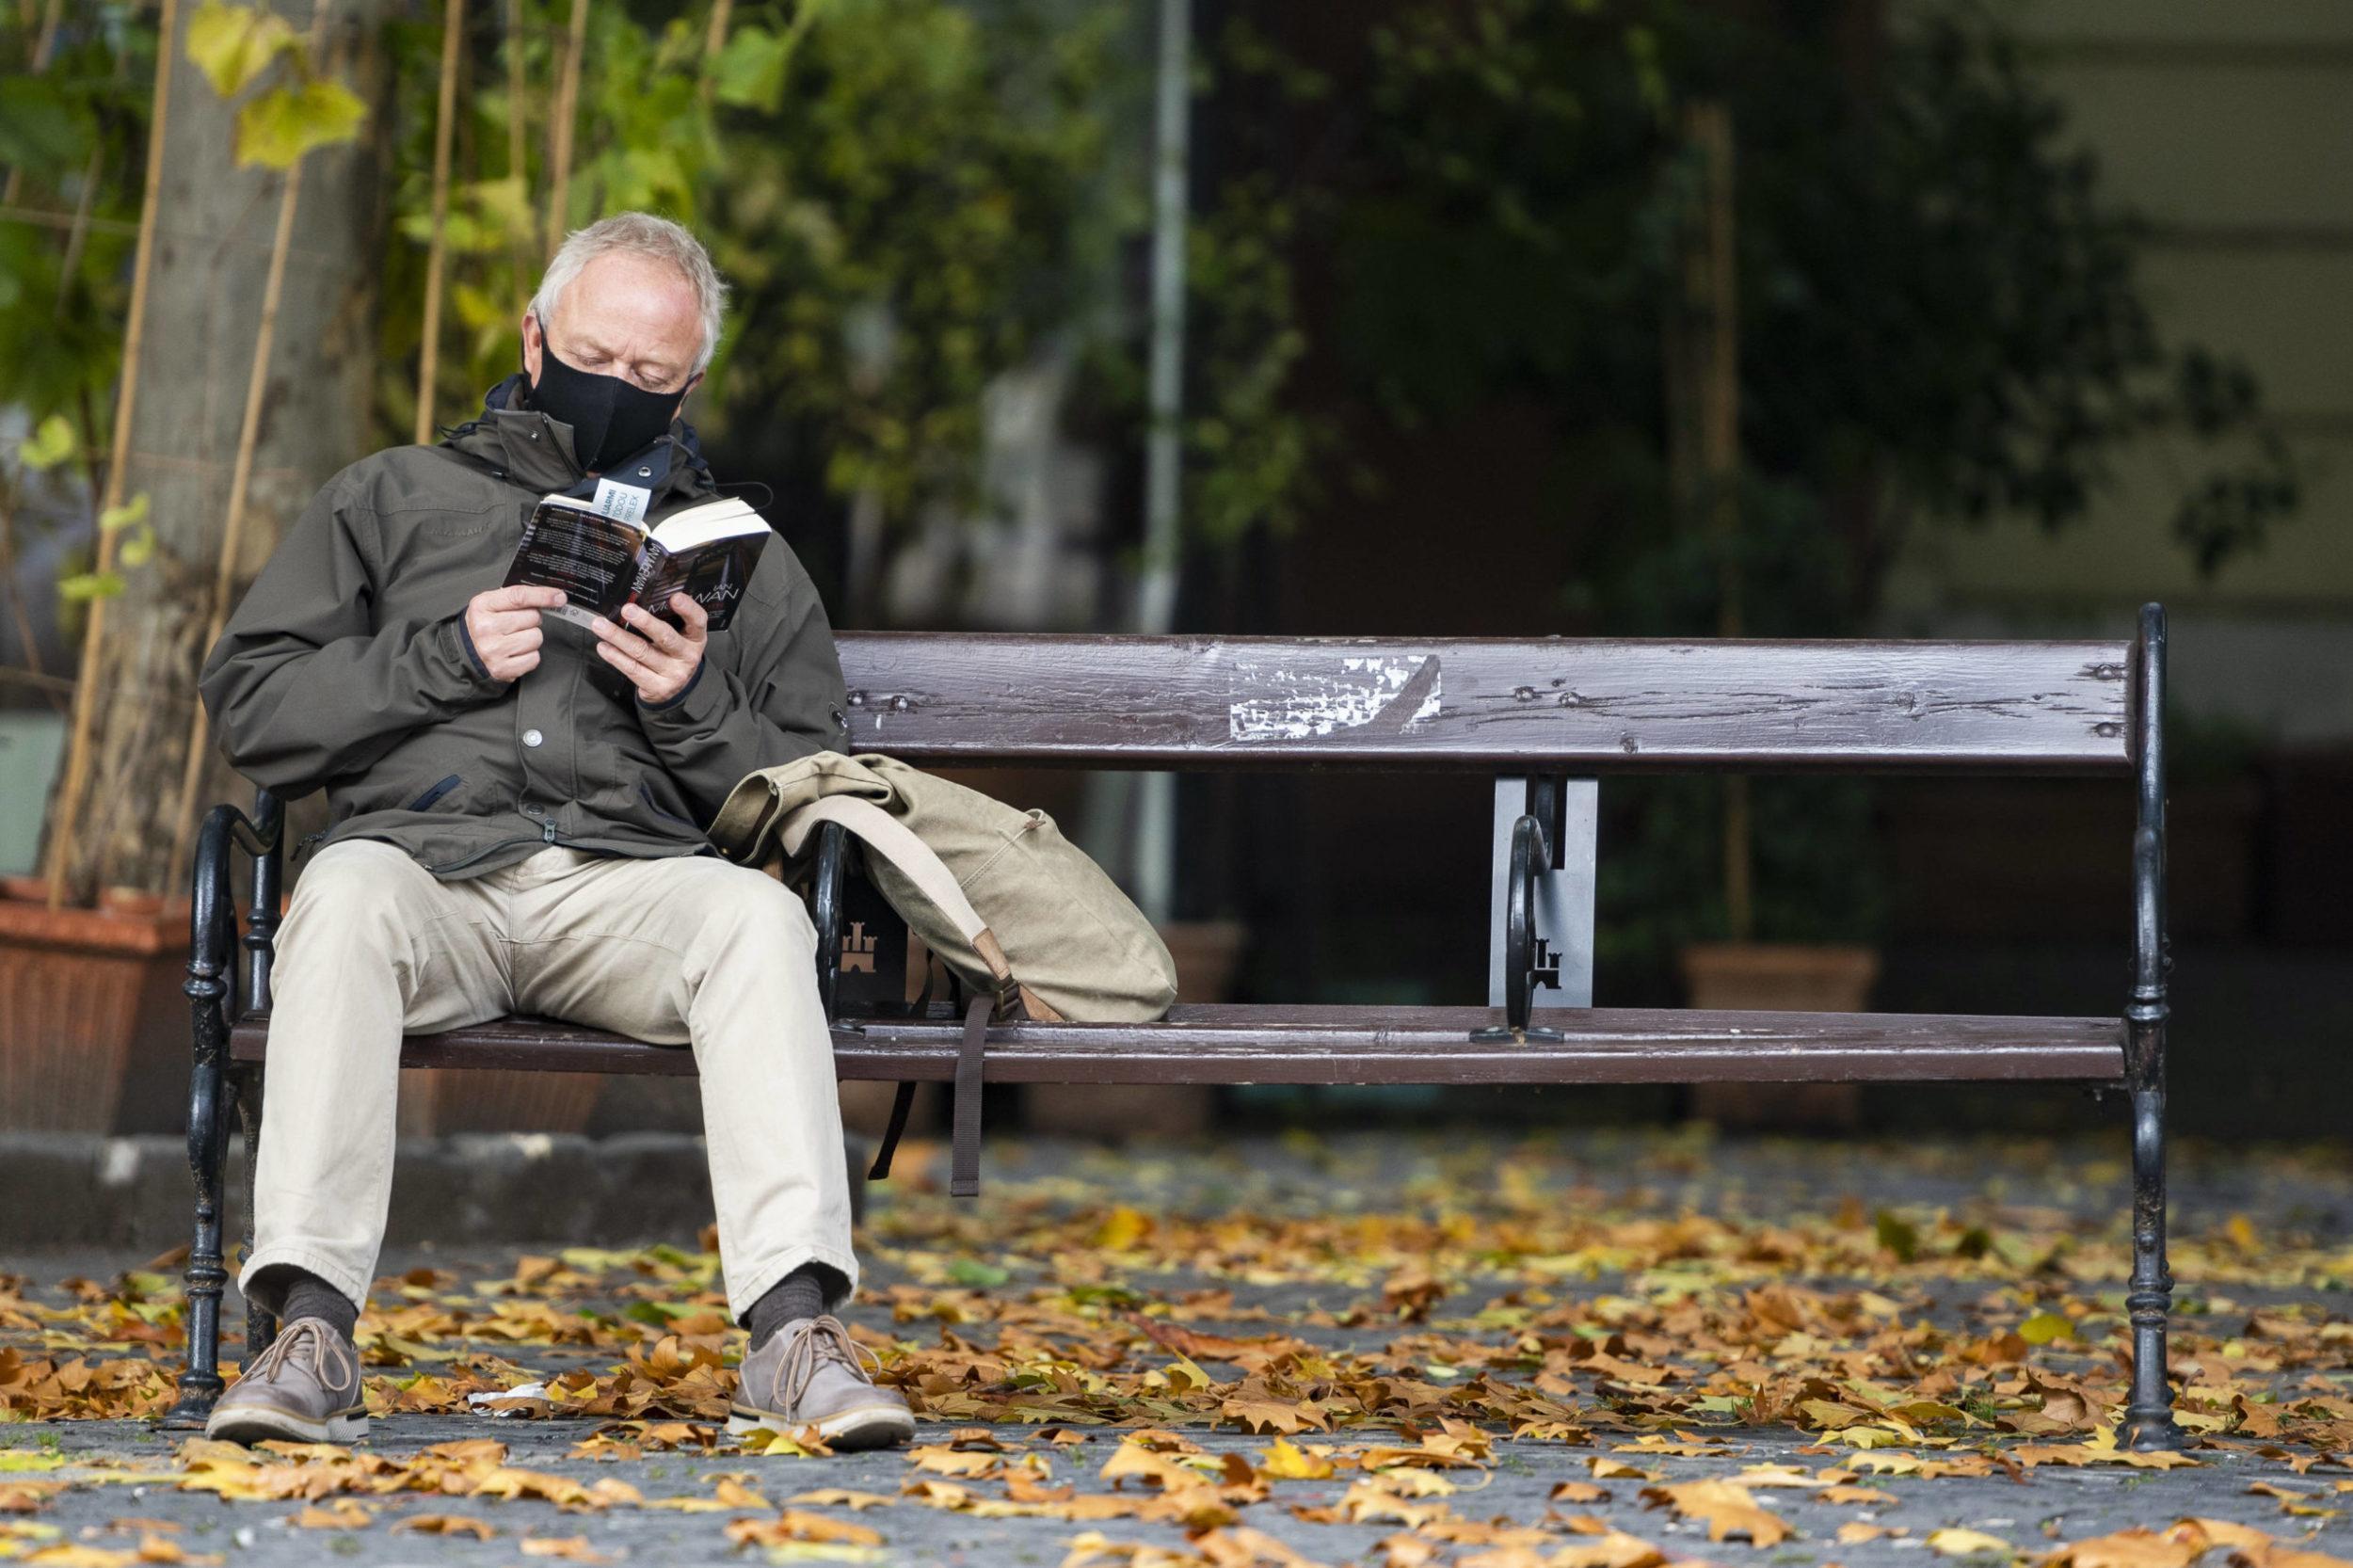 Od soboty 24.októbra až do nedele 1. novembra 2020 platí na celom Slovensku zákaz vychádzania s výnimkou ciest na testovanie, do práce, cesty na výkon podnikateľskej činnosti alebo inej obdobnej činnosti či zabezpečenia nevyhnutných potrieb, či pobytu v prírode v okrese bydliska. Na snímke muž číta knihu na lavičke na Hviezdoslavovom námestí v Bratislave 26. októbra 2020. FO